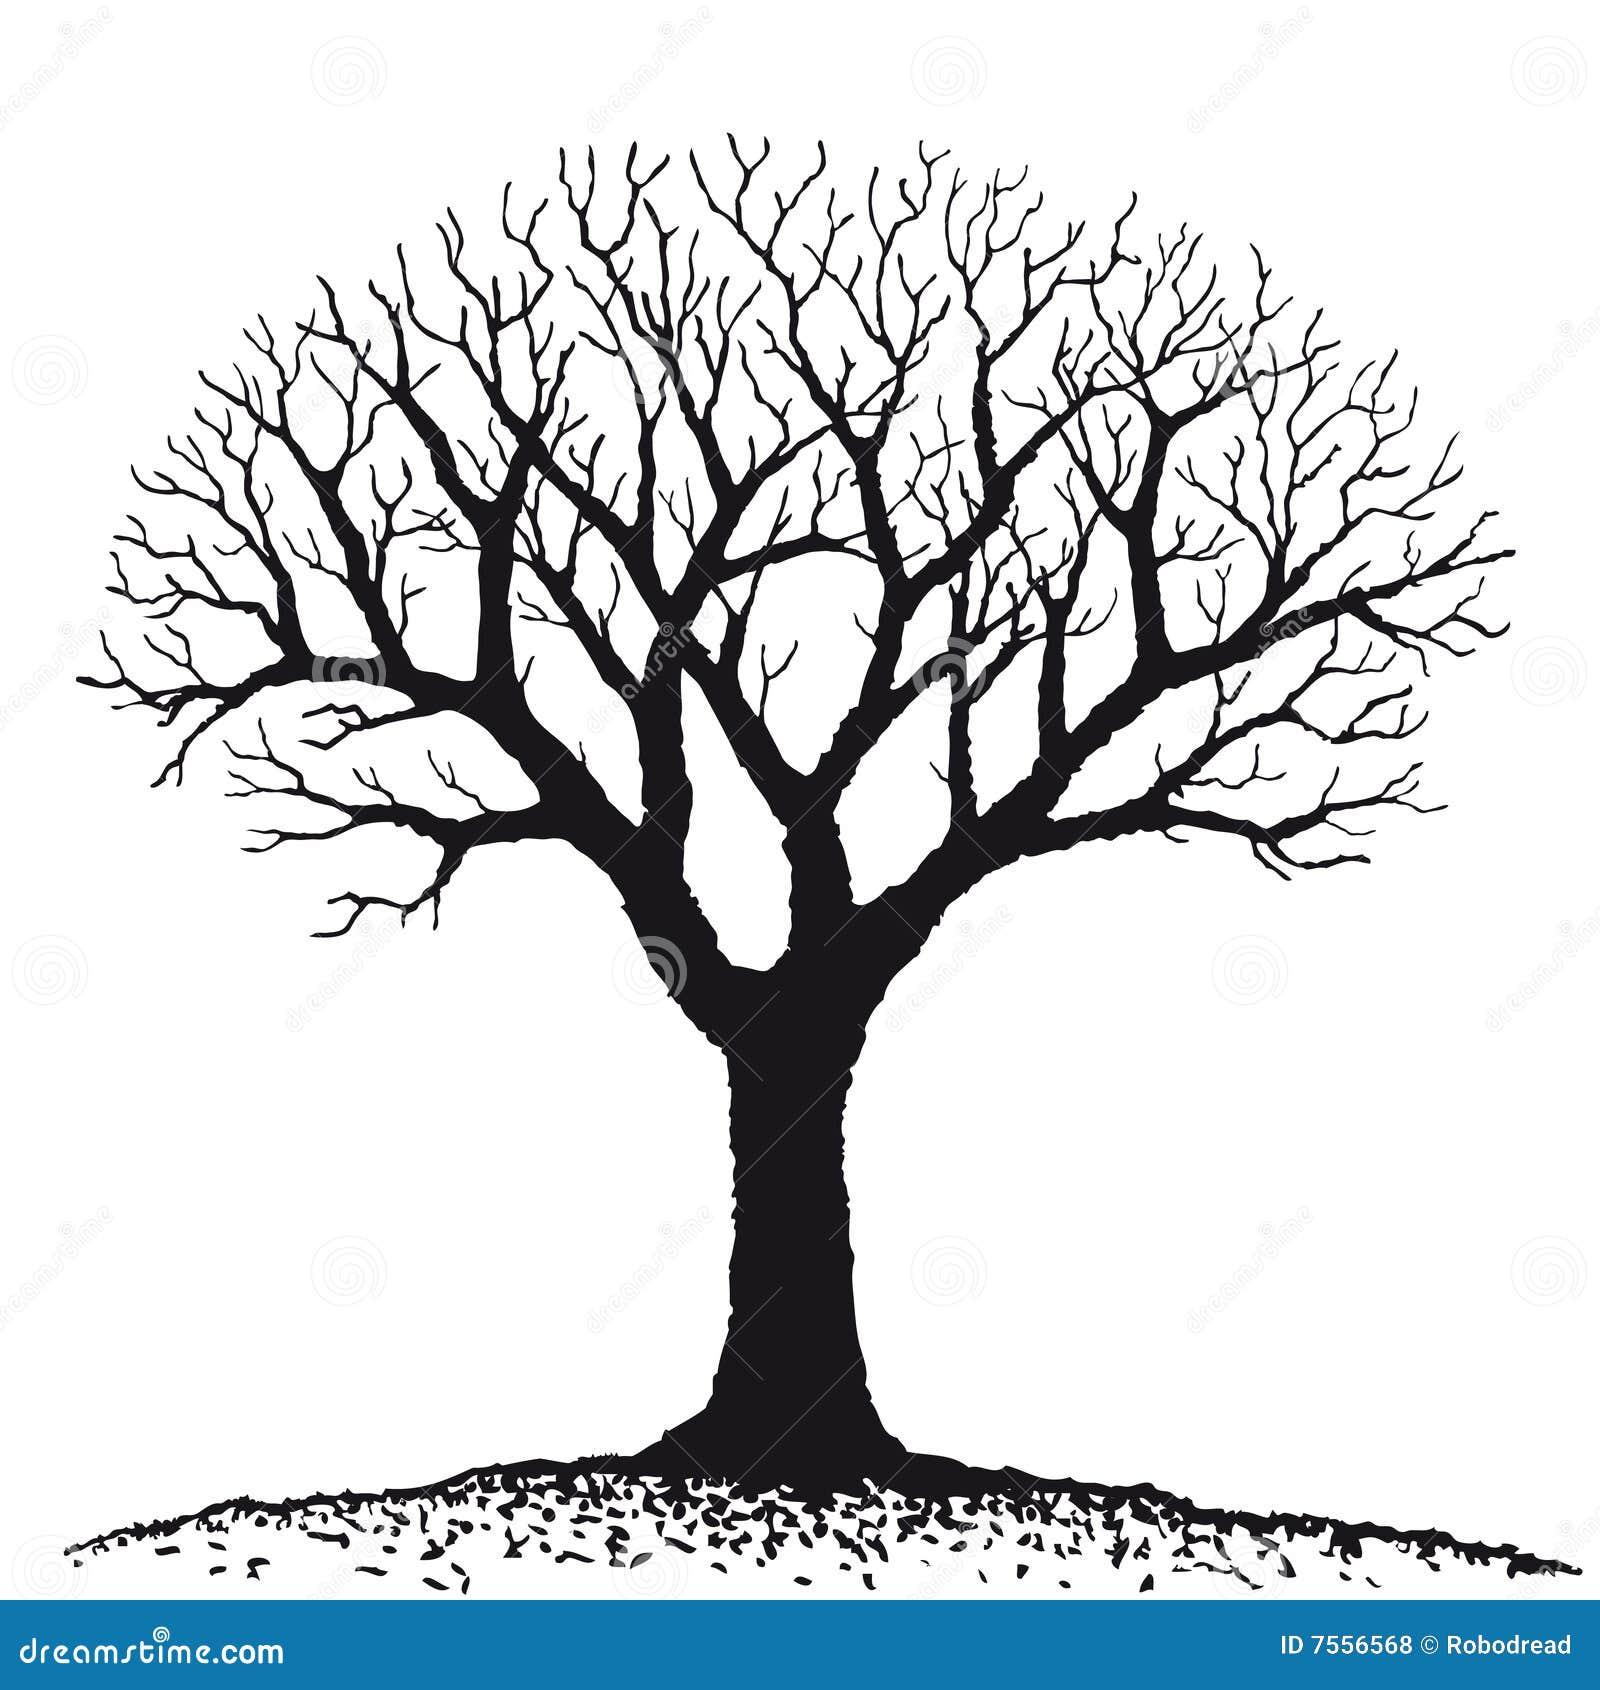 Oisolerad treevektor